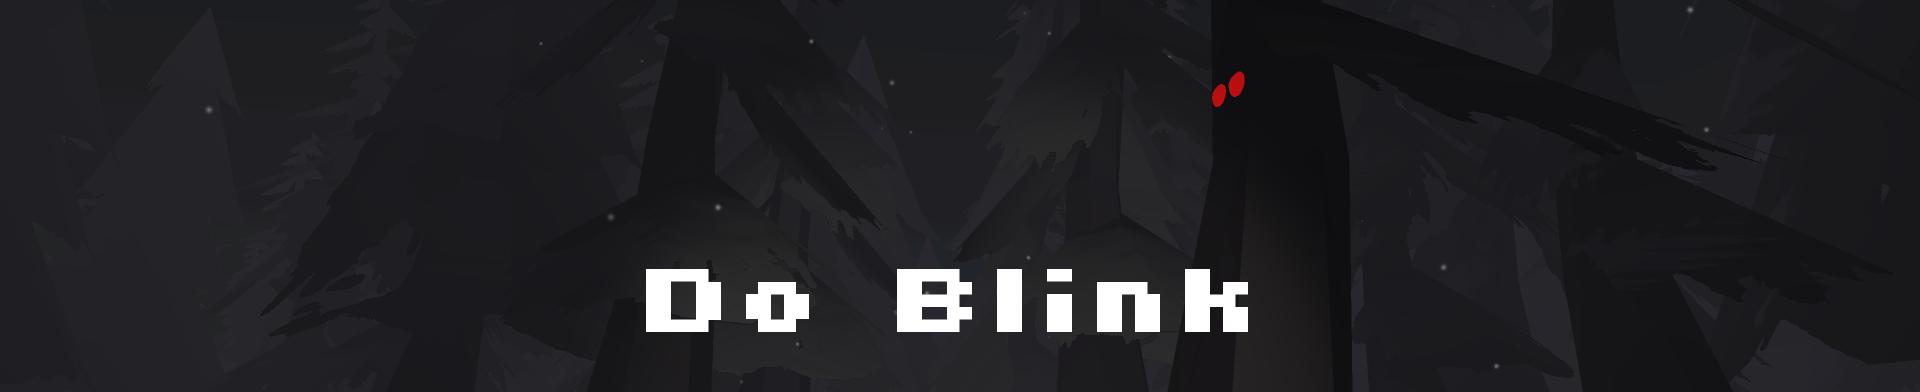 Do Blink